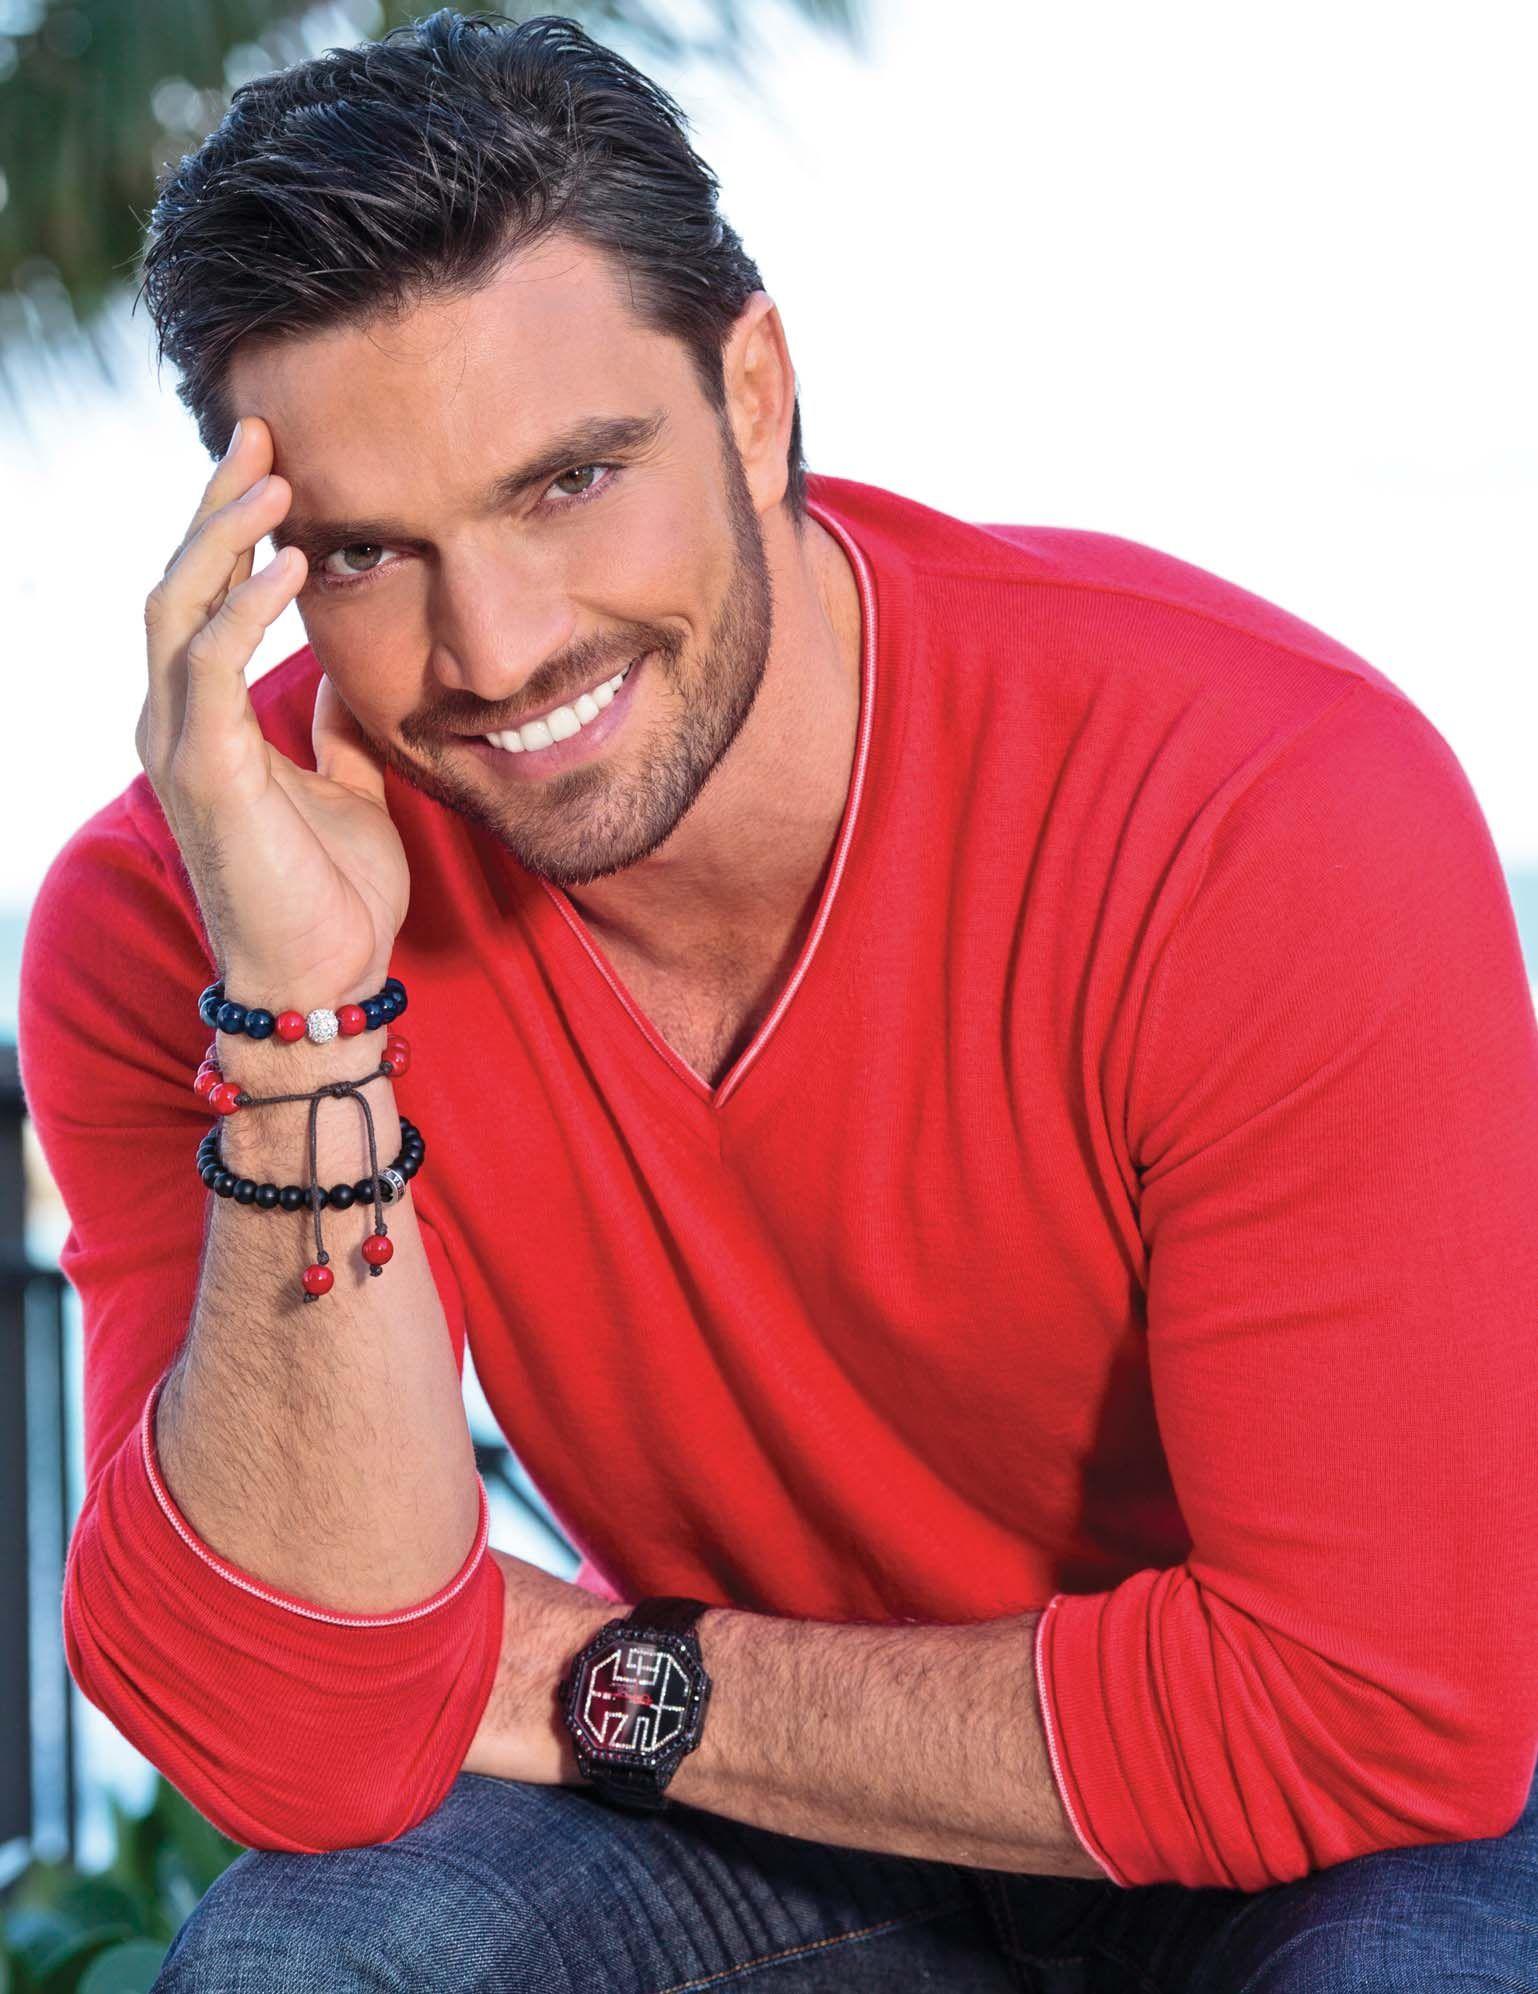 удивительные фото испанских красивых мужчин представители породы